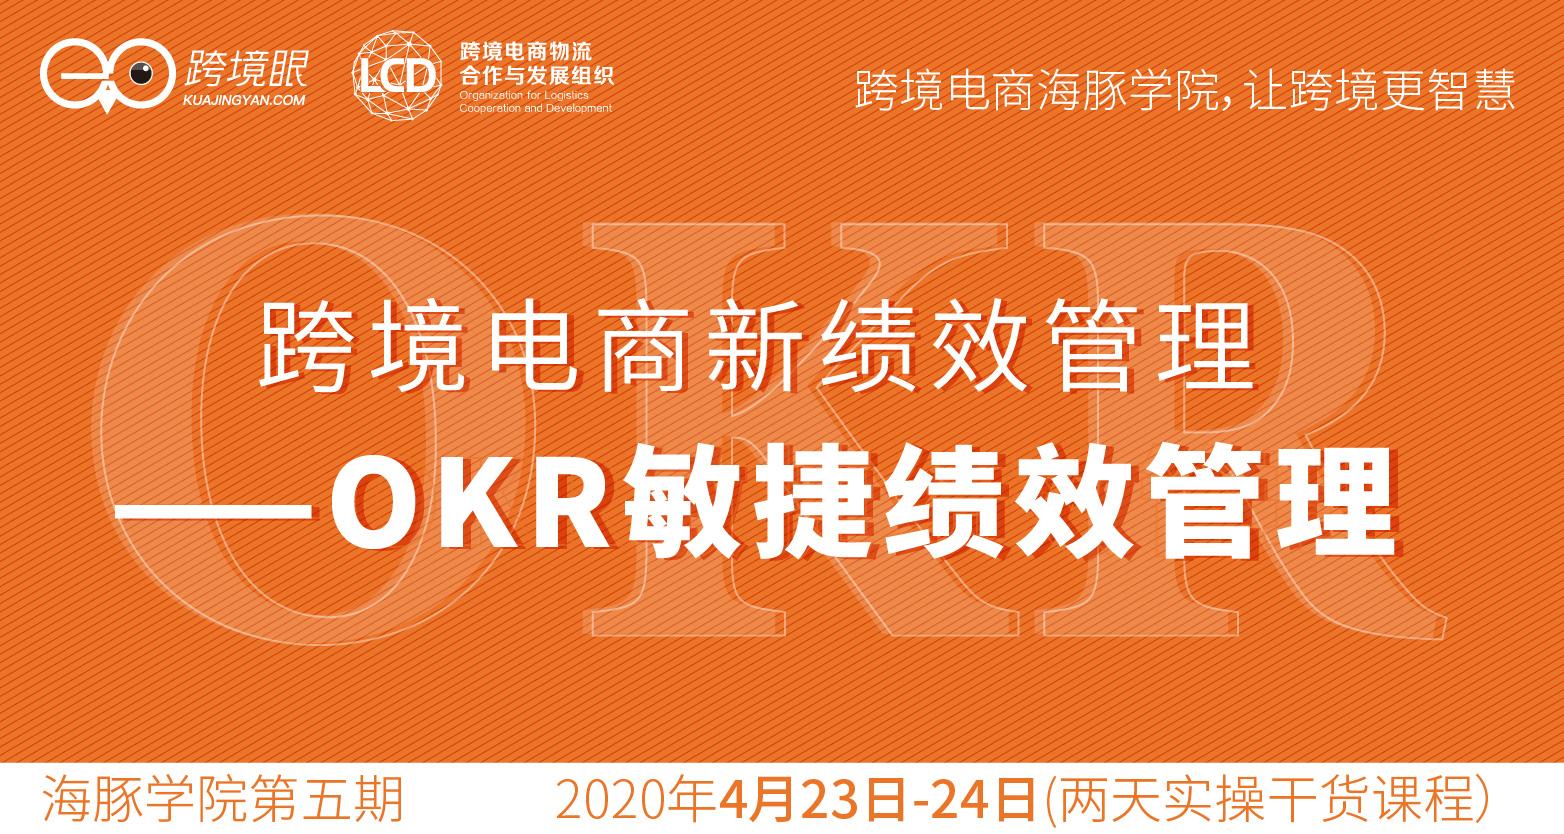 跨境电商新绩效管理 | OKR敏捷绩效管理